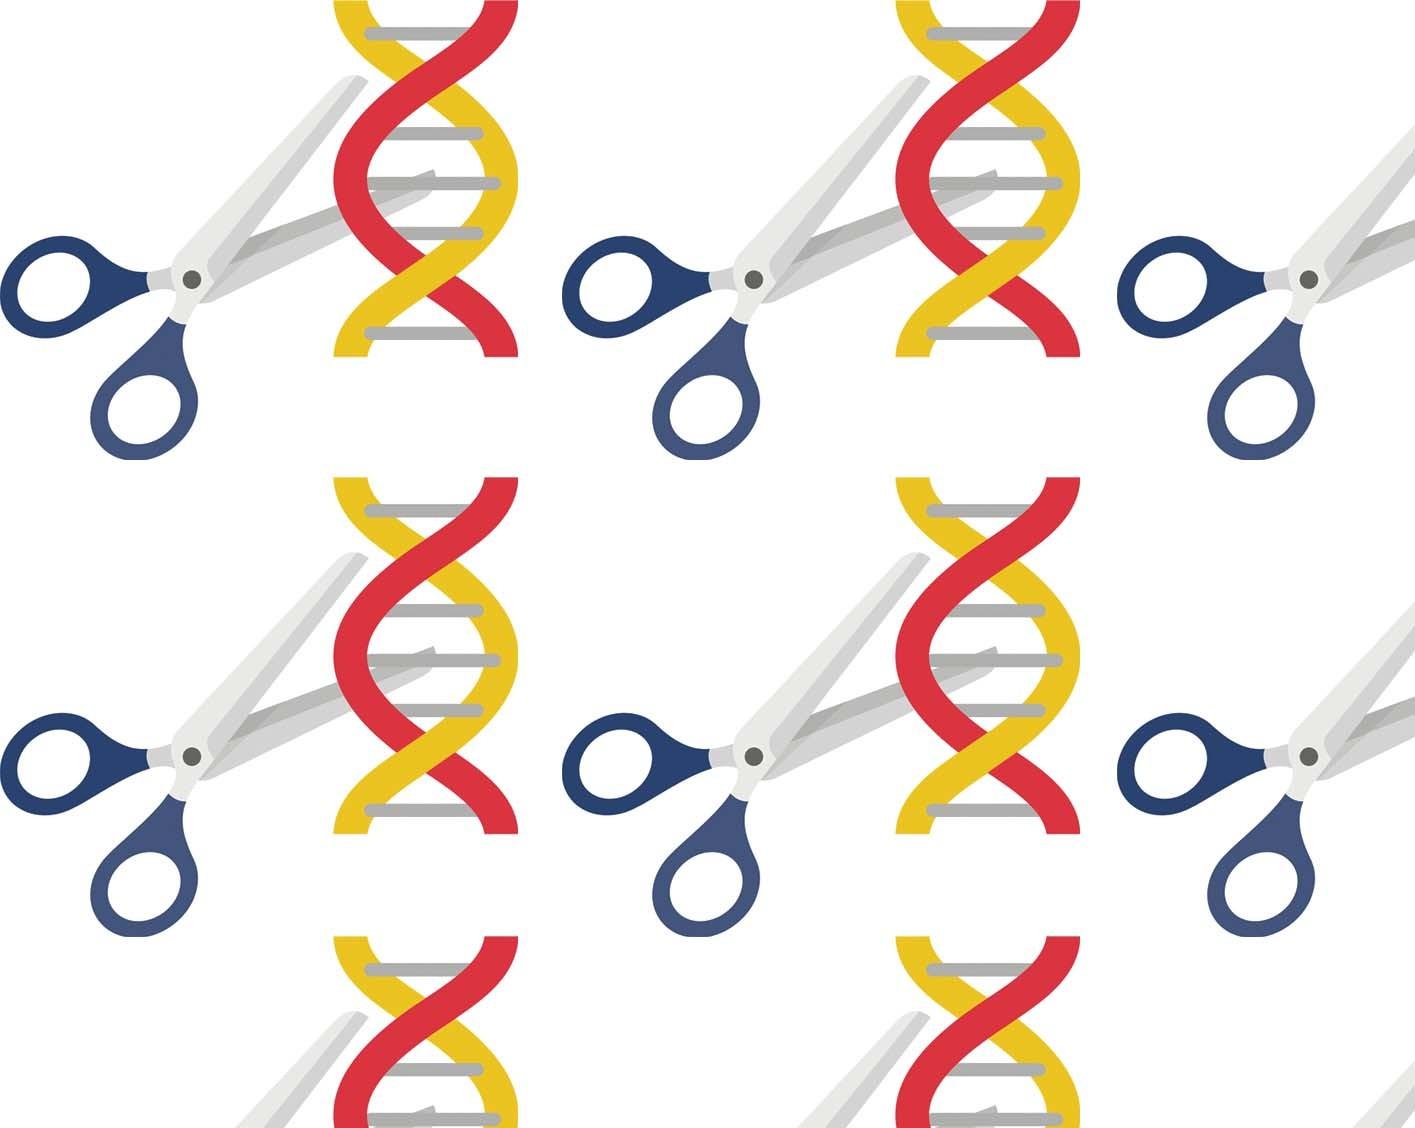 CRISPR takes genetic screens forward